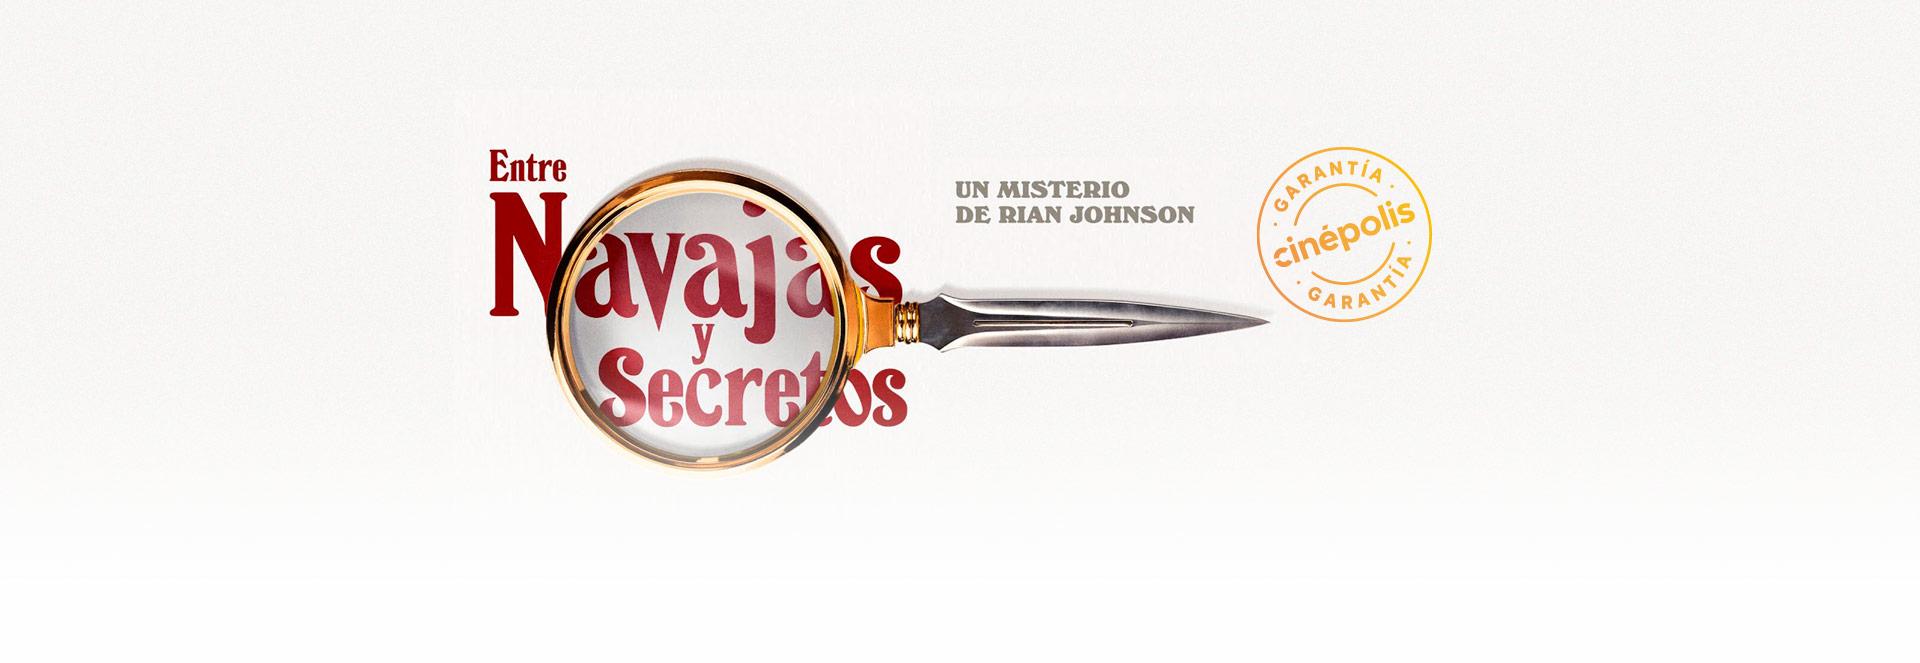 Banner Entre navajas y secretos   Garantía Cinépolis